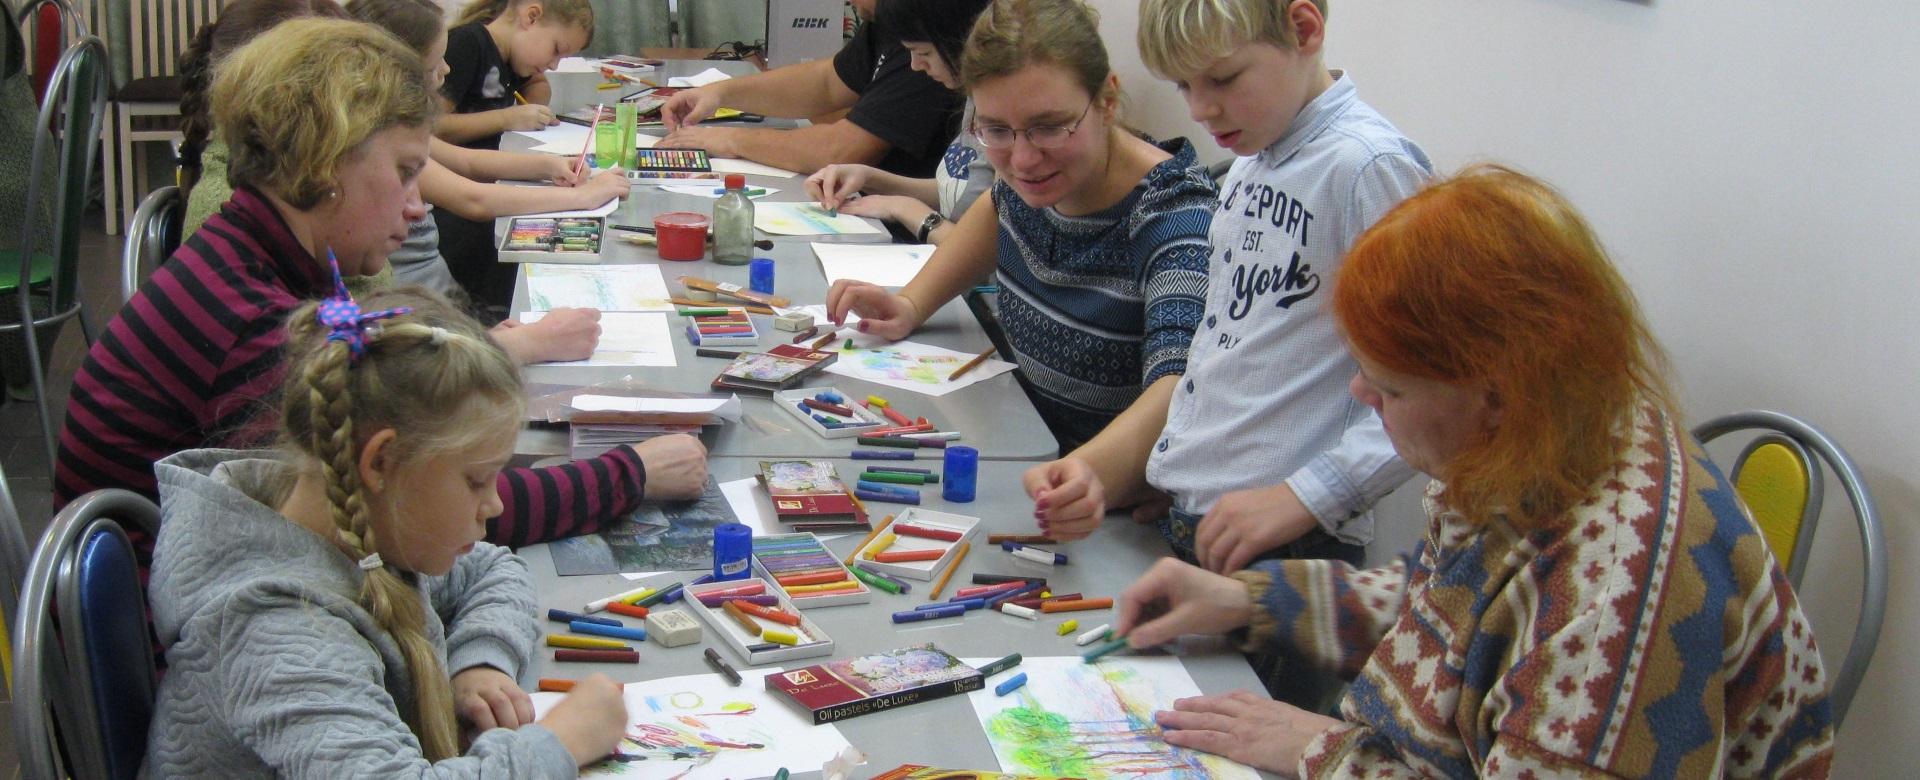 Цикл музейных занятий для детей и их родителей